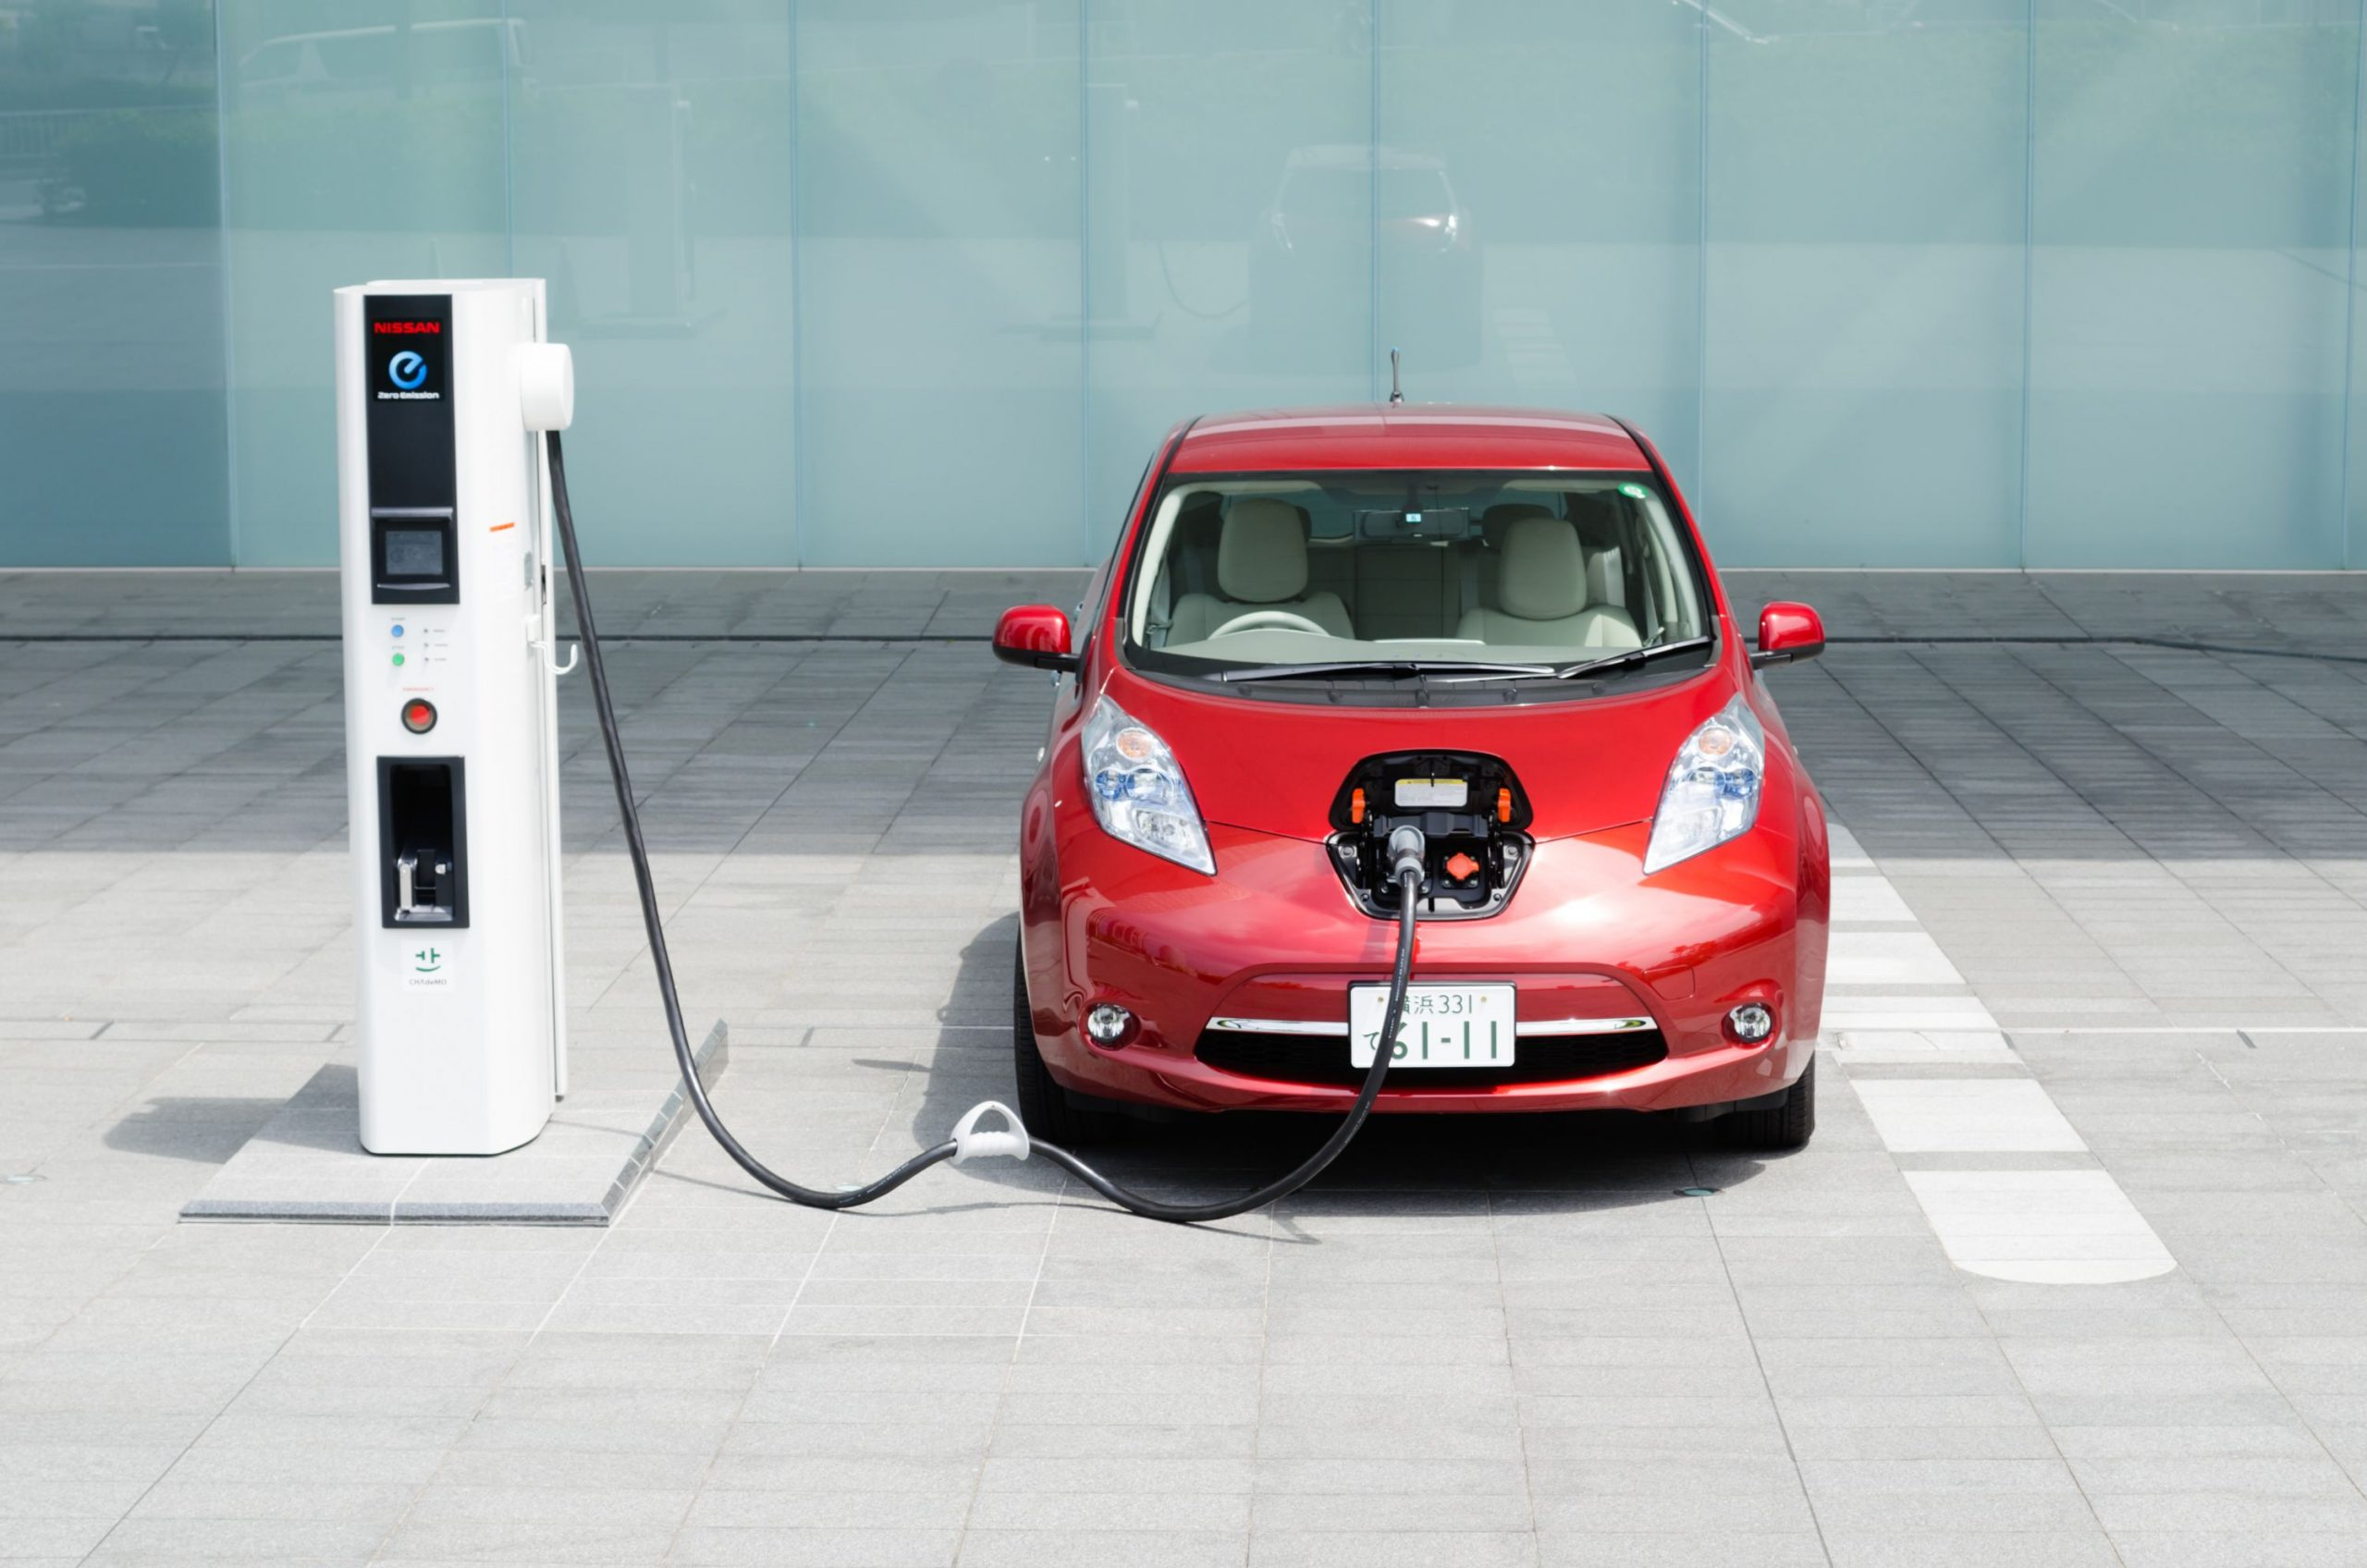 Boom de autos eléctricos e híbridos: ranking de marcas y modelos que más se venden en Argentina   Garantia Plus